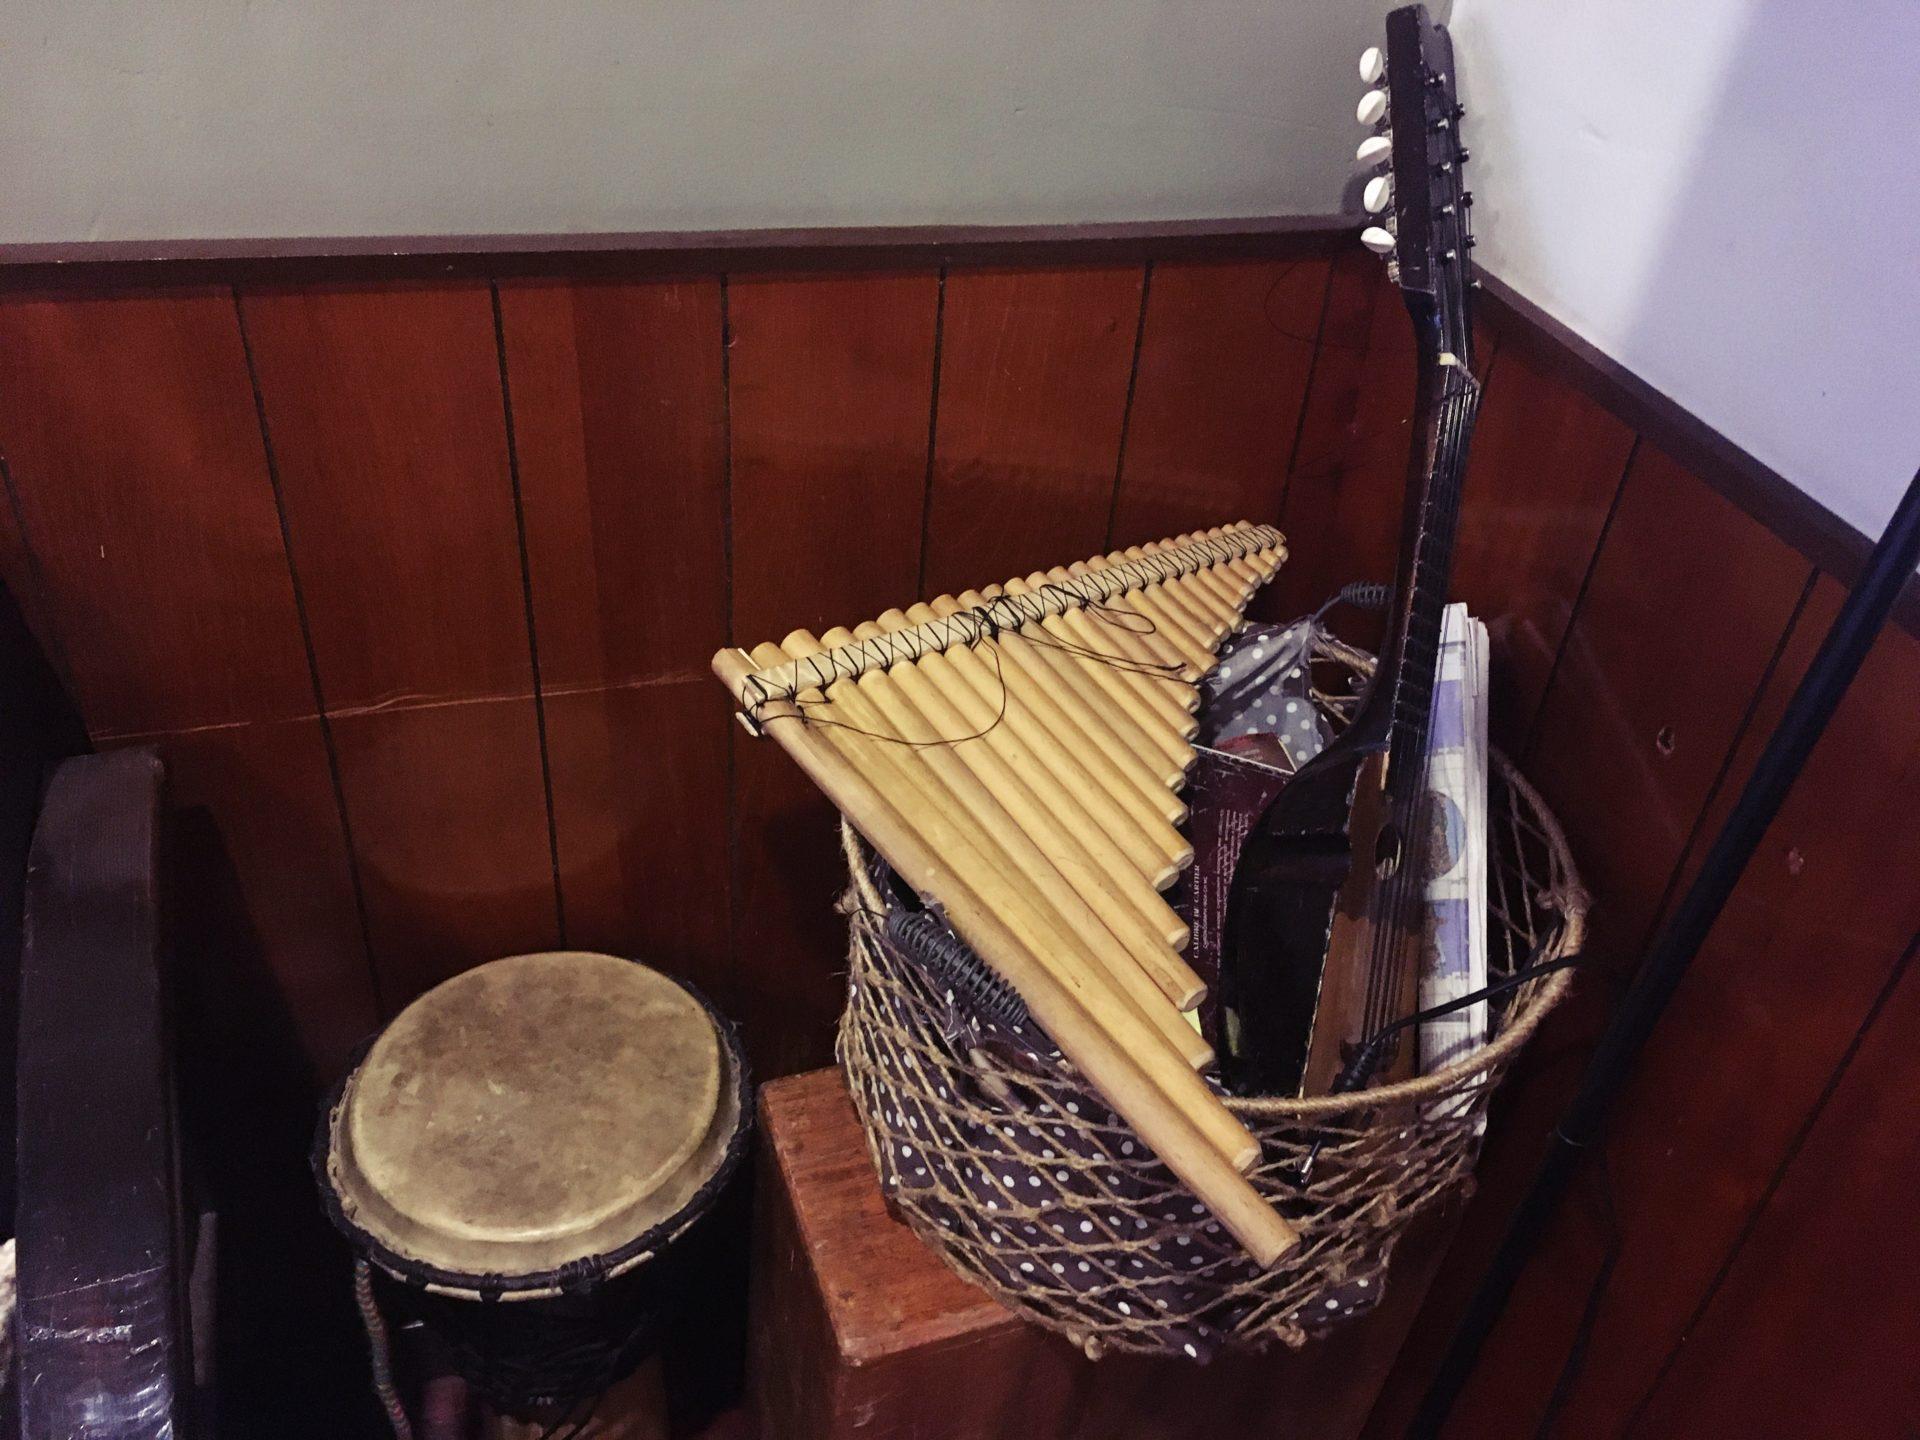 ペルー, 楽器, Zampoña, サンポーニャ